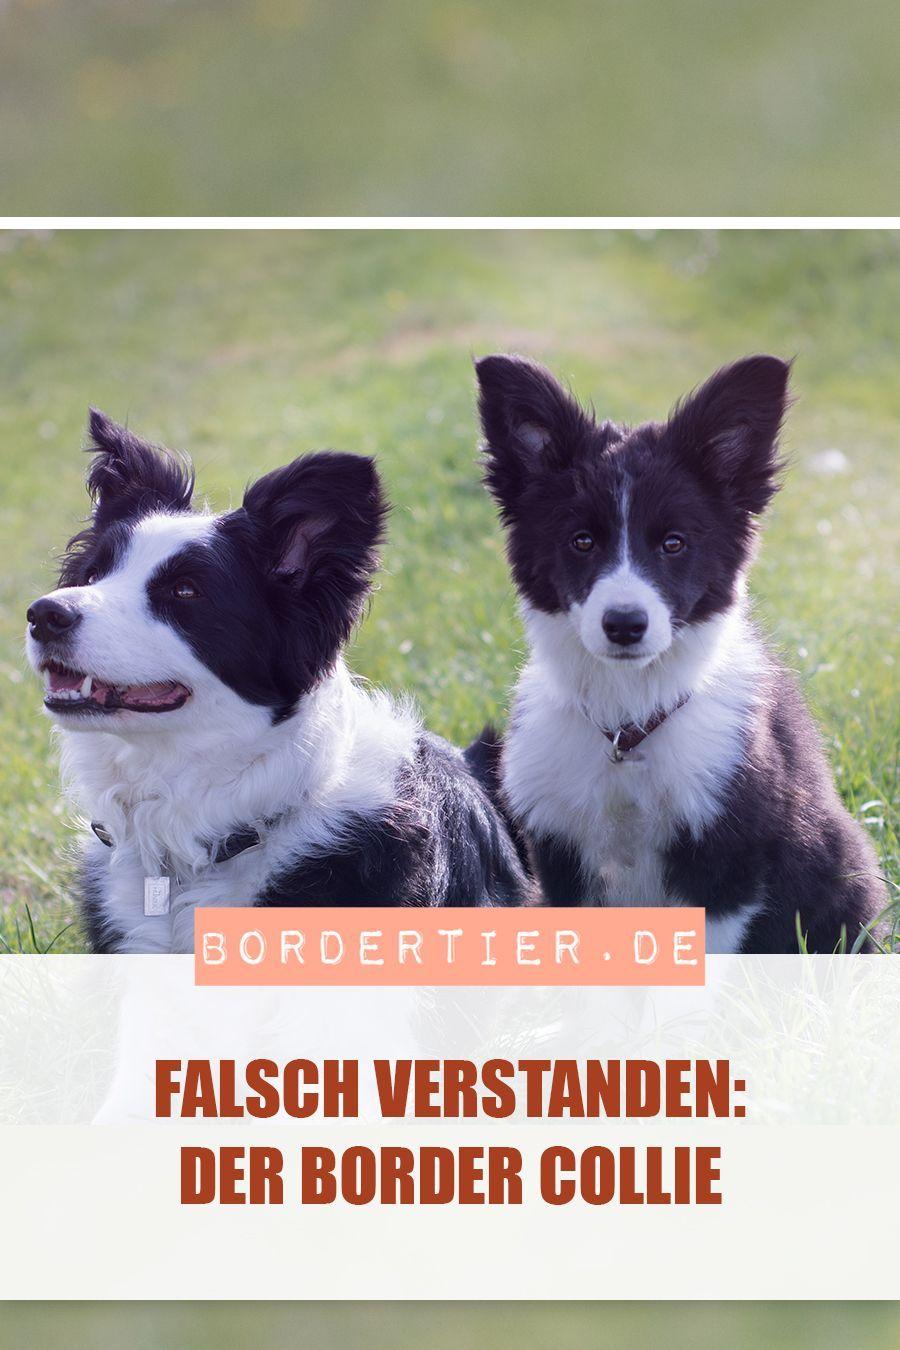 Pin von Nicole Dambacher auf Hunde in 2020 Hunderassen